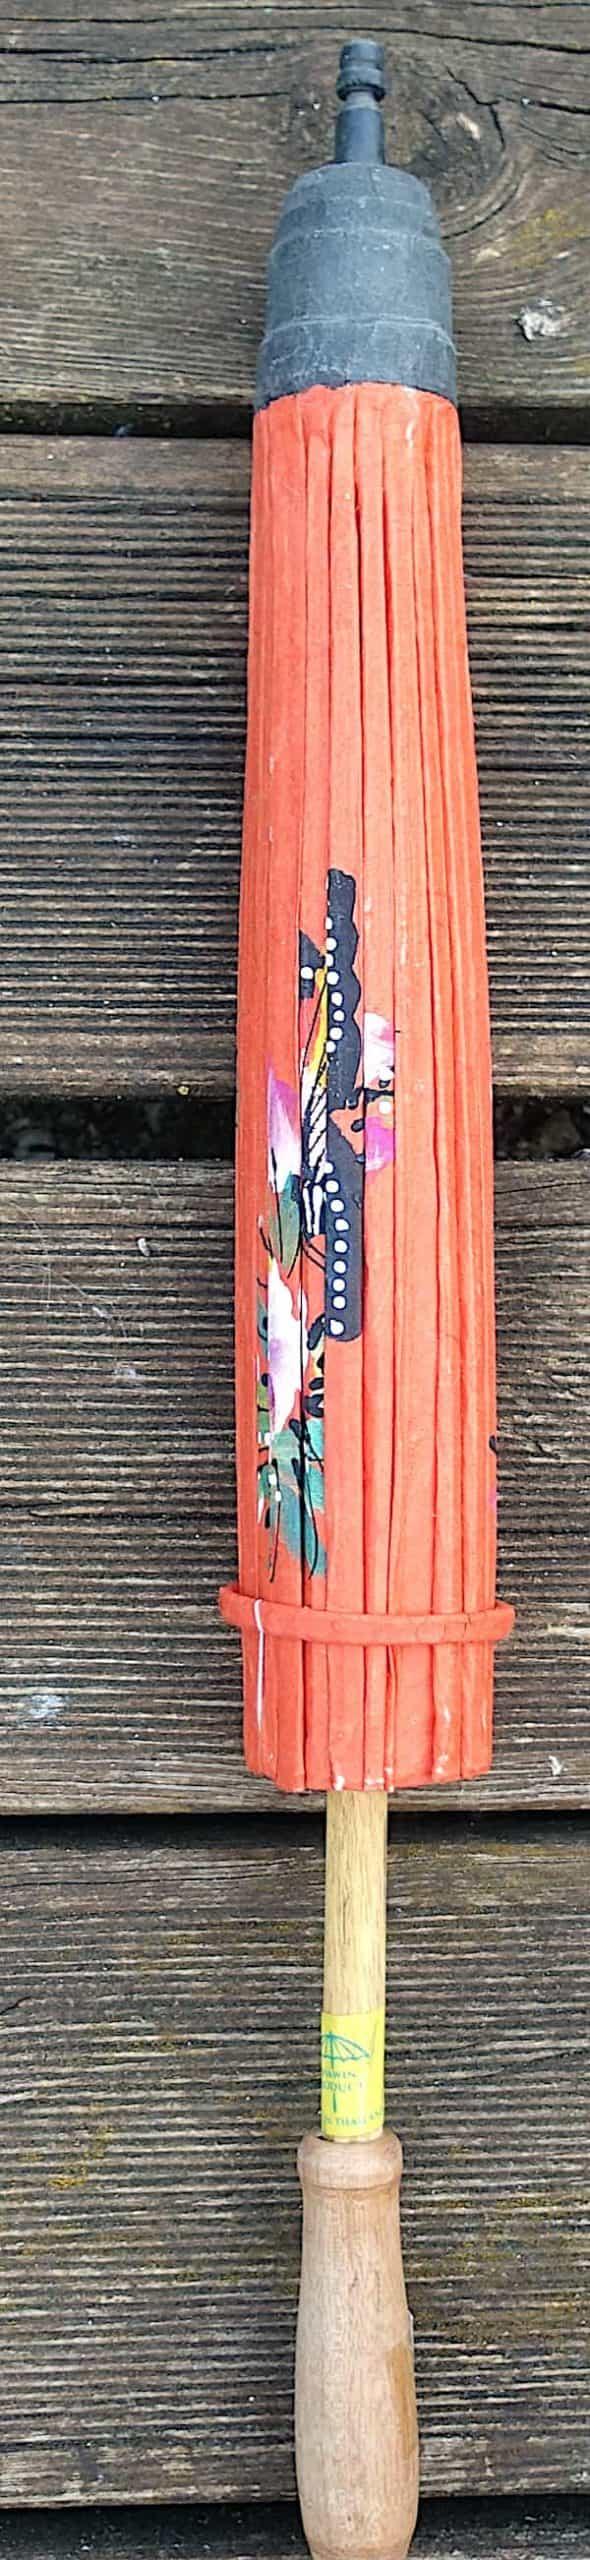 Ombrelle Papier Orange Papillons Et Fleurs D.61cm 2